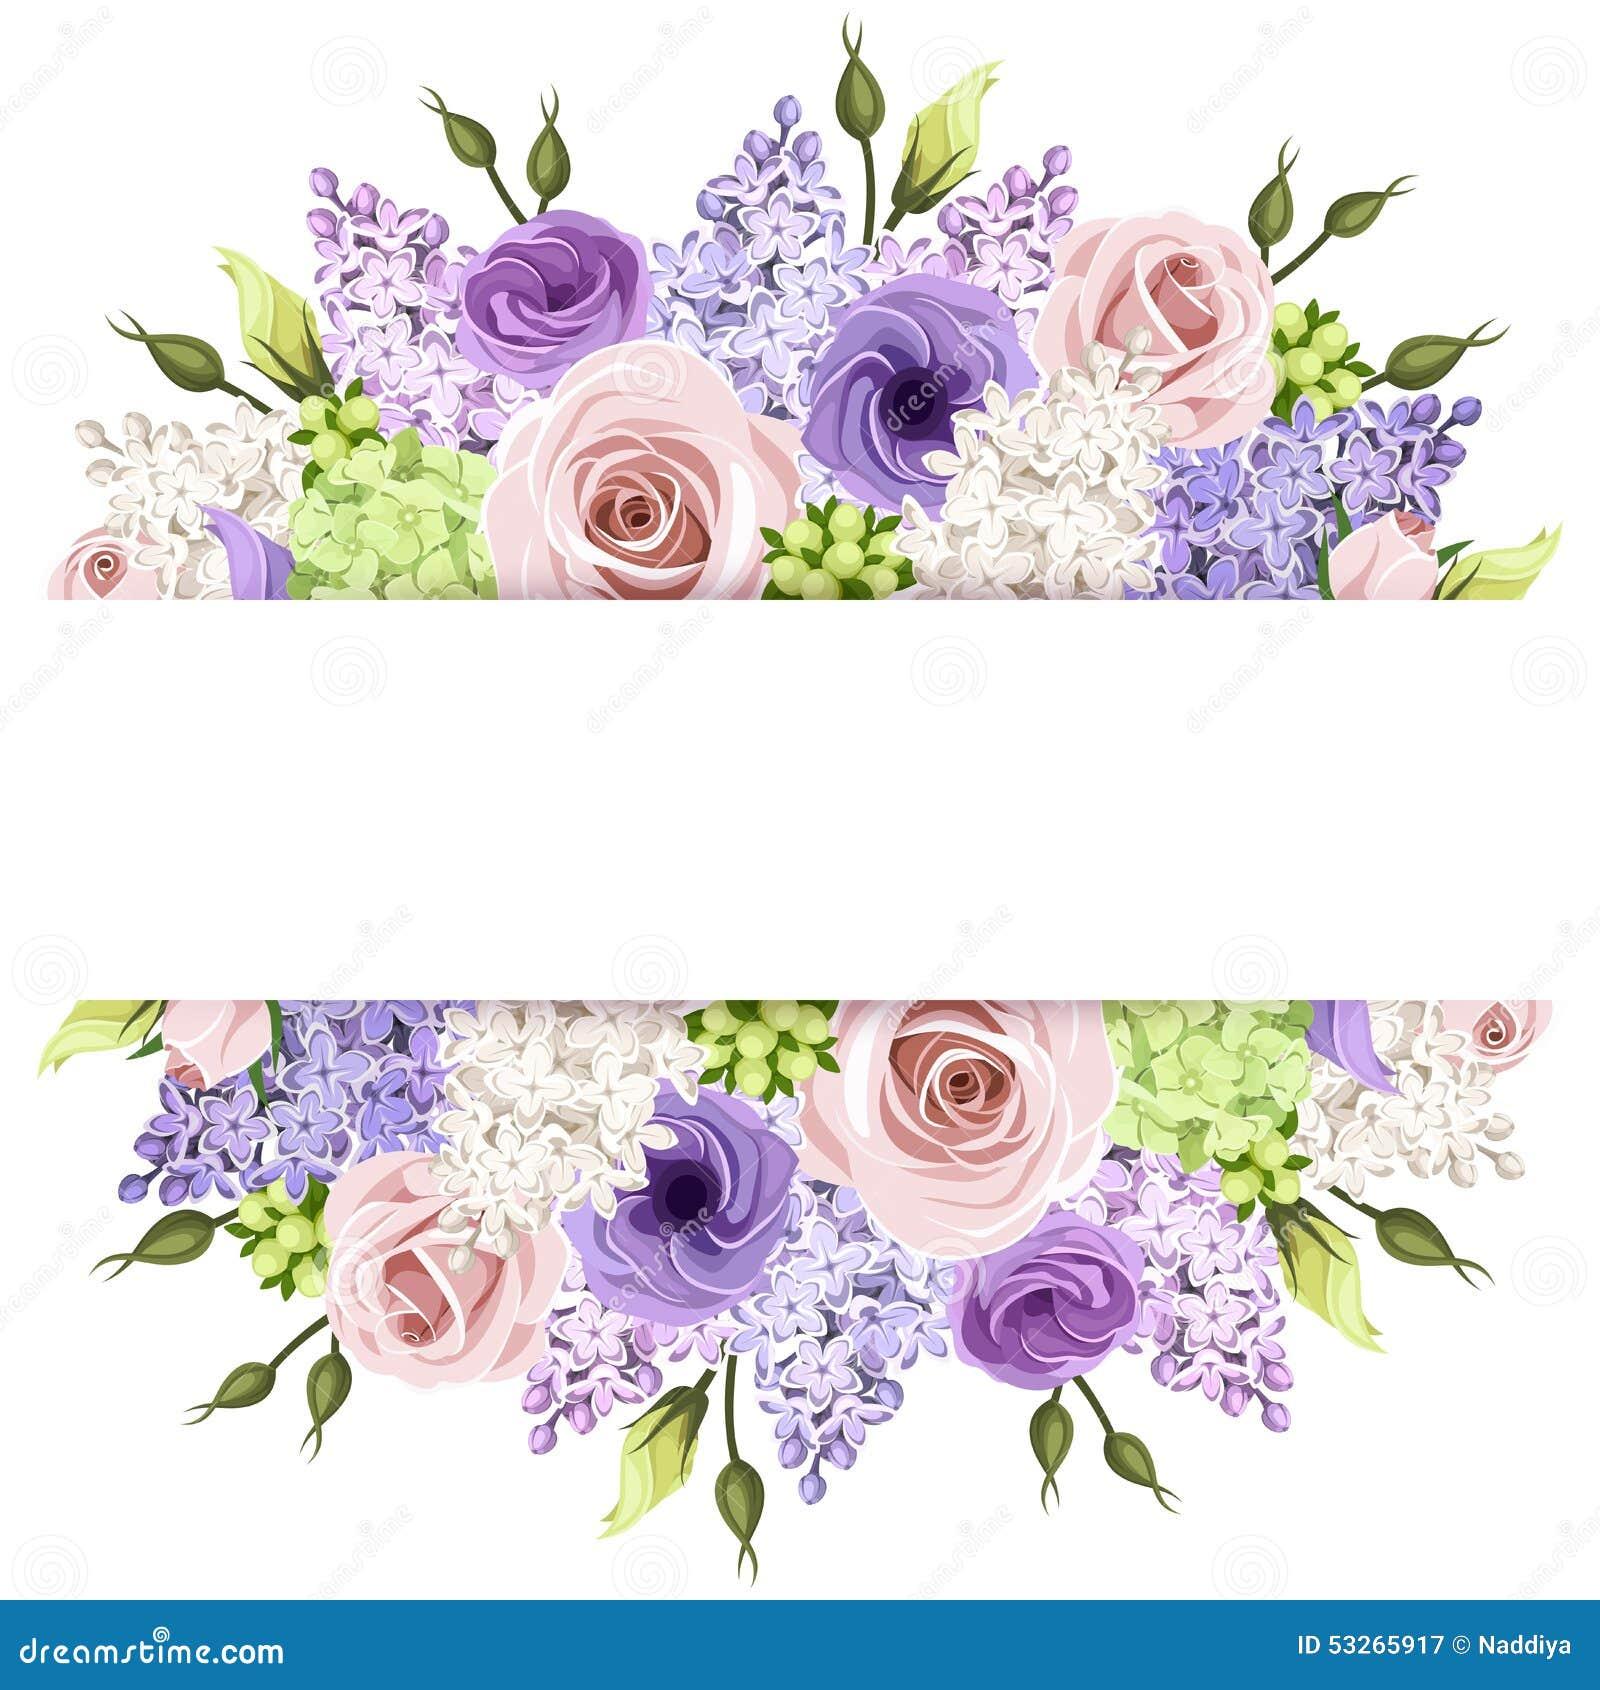 与桃红色,紫色和白玫瑰和淡紫色花的背景 向量EPS-10